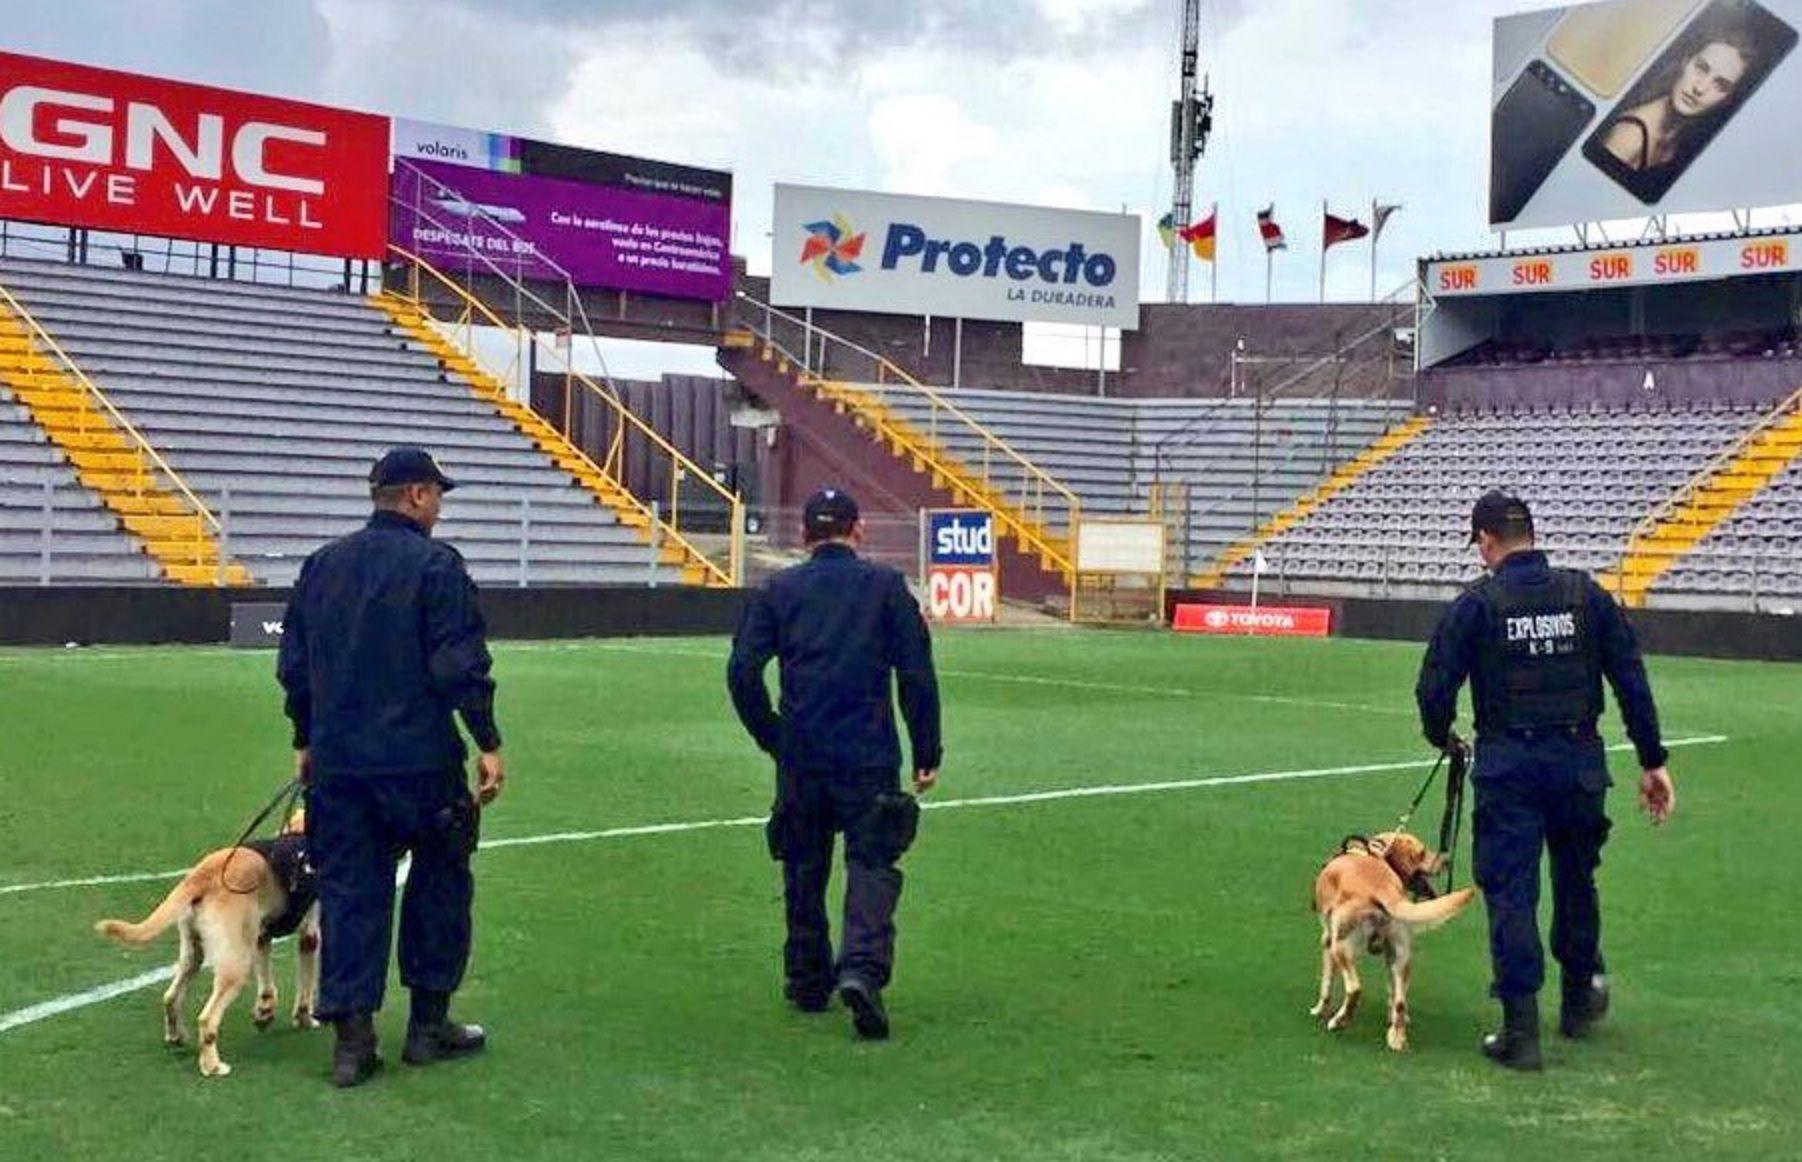 Evacuaron un estadio en Costa Rica por una falsa amenaza de bomba